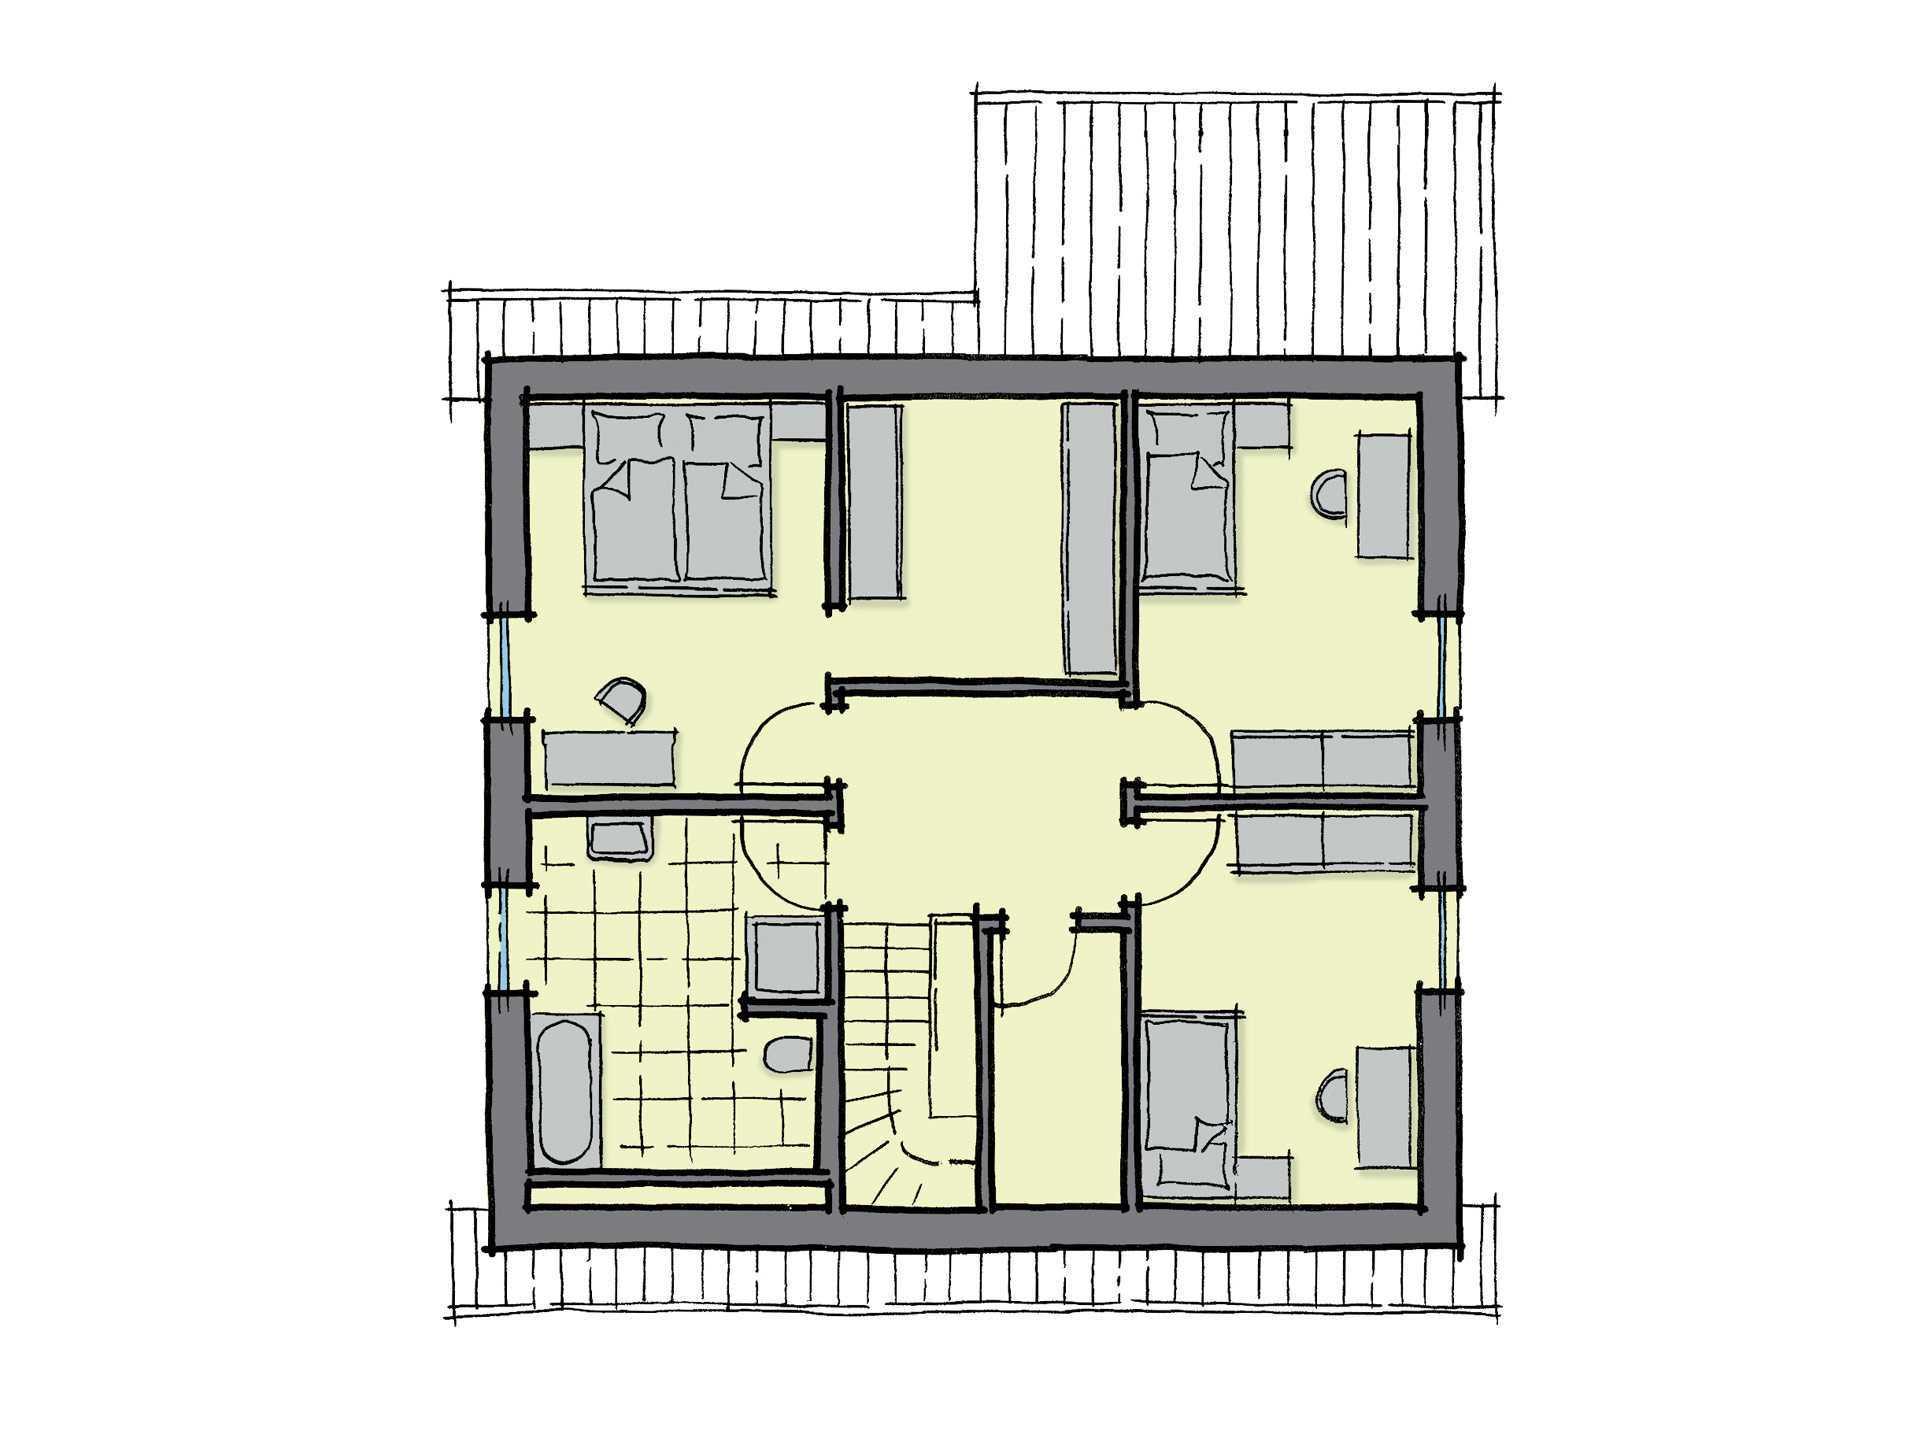 Grundriss Dachgeschoss Einfamilienhaus Buchenallee Variante 2 GUSSEK HAUS